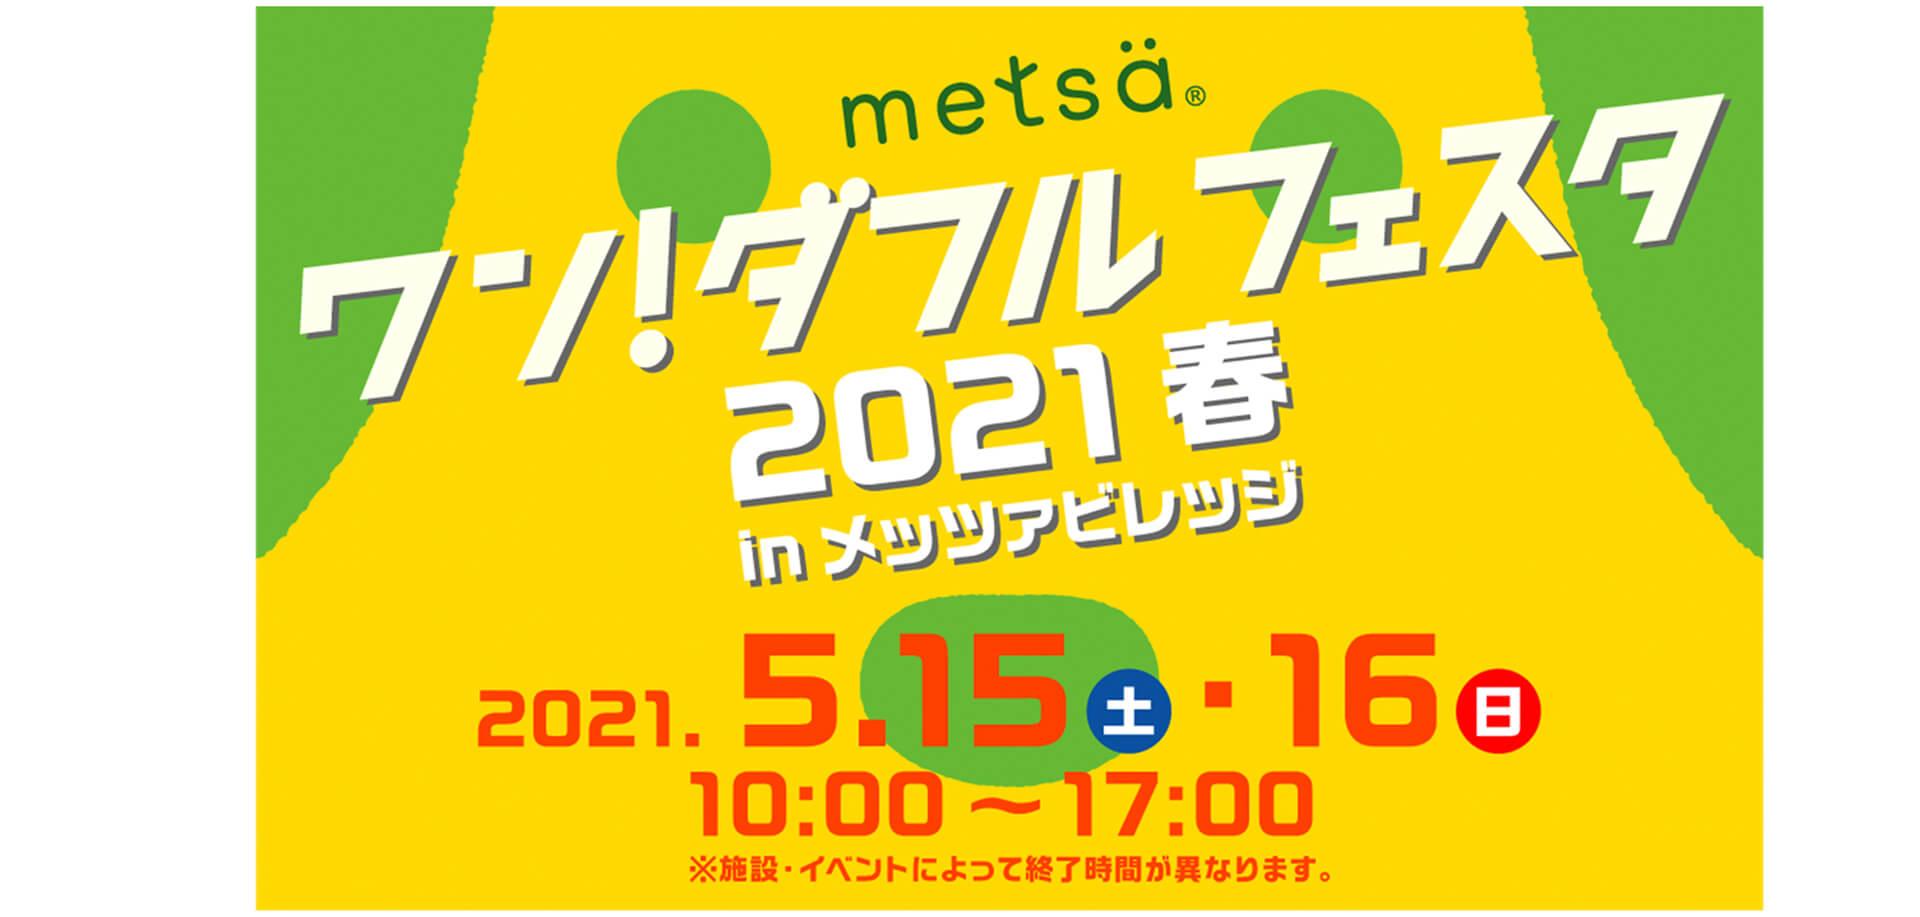 ワン!ダフル フェスタ2021春in メッツァビレッジ